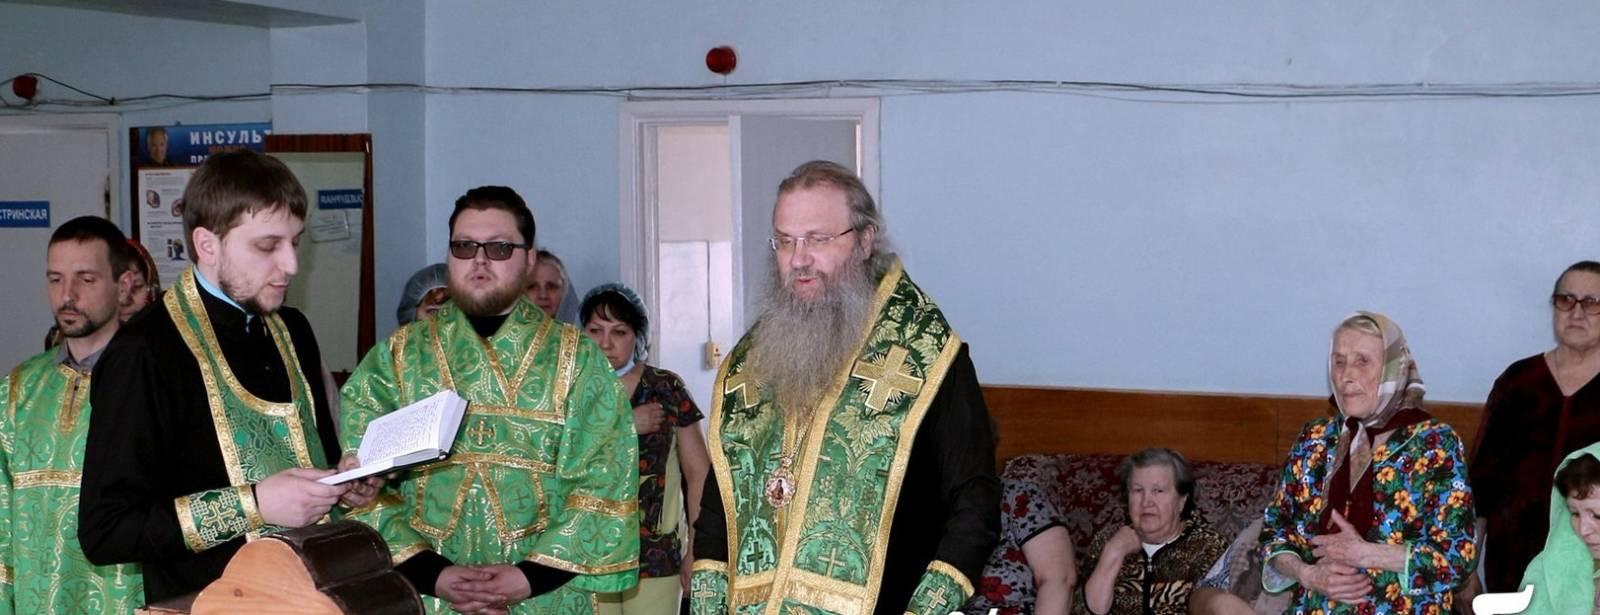 Список чудотворного образа Урюпинской иконы Божией Матери посетил отделение терапии ЦРБ г. Урюпинска.